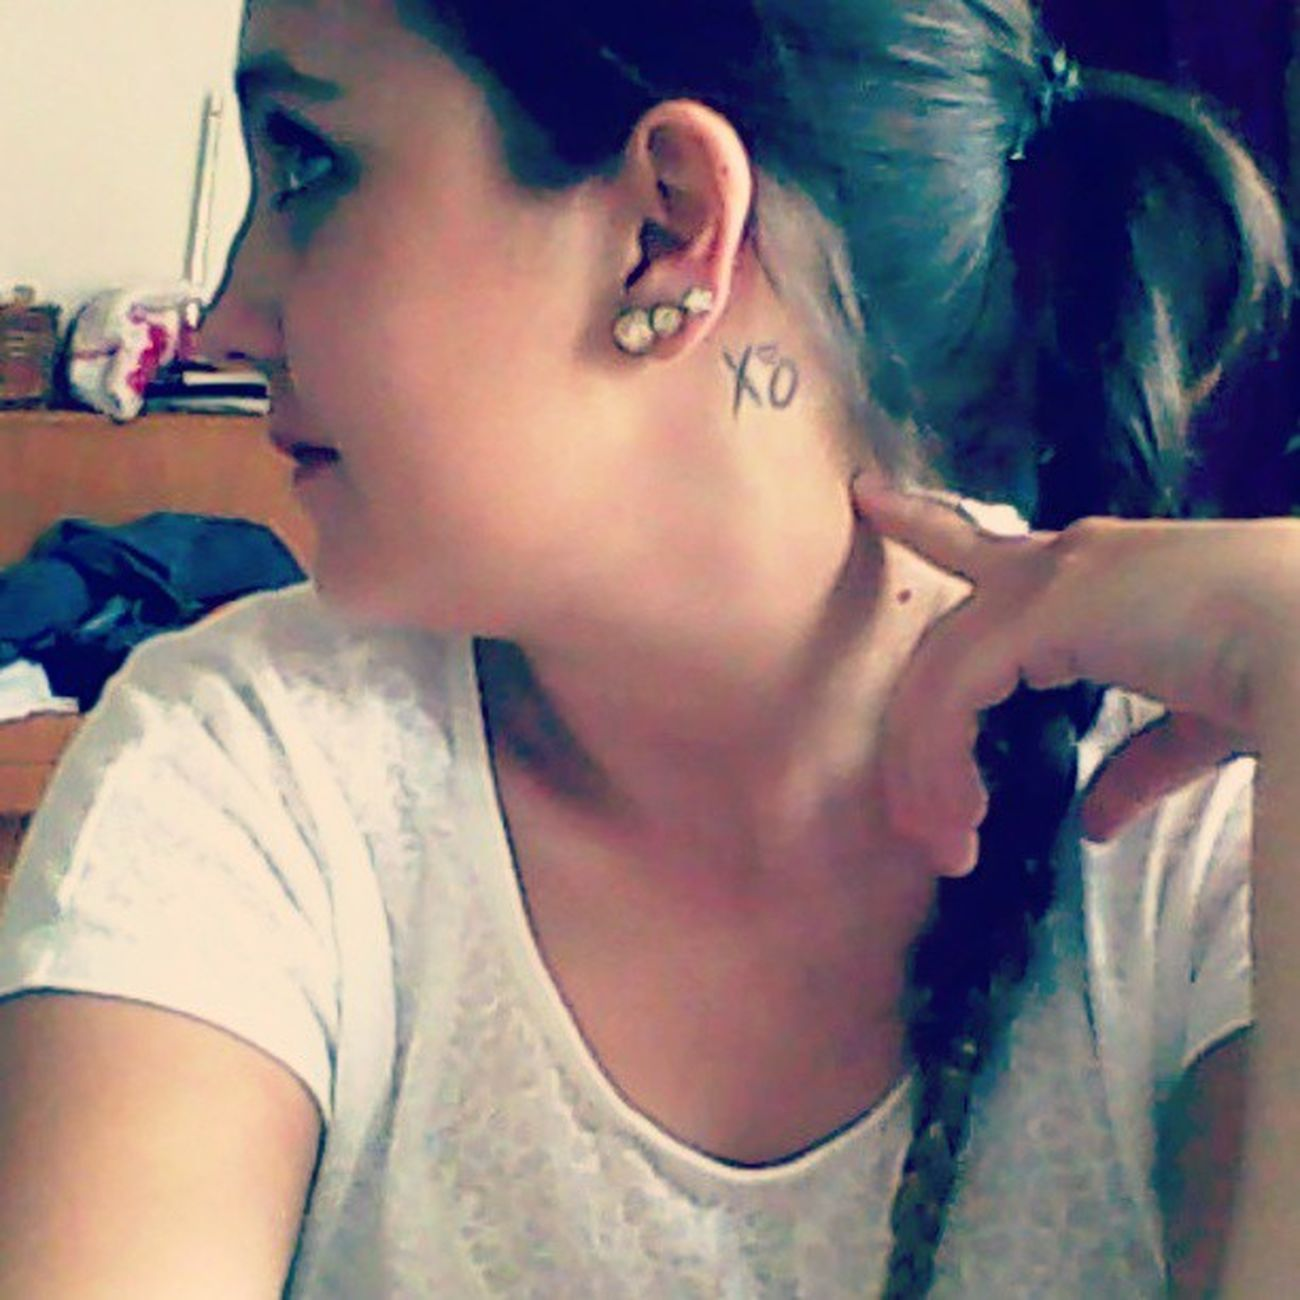 I just love my frickin' tattoo. Yesitsbecauseofyouandyouregonnabethereforever .